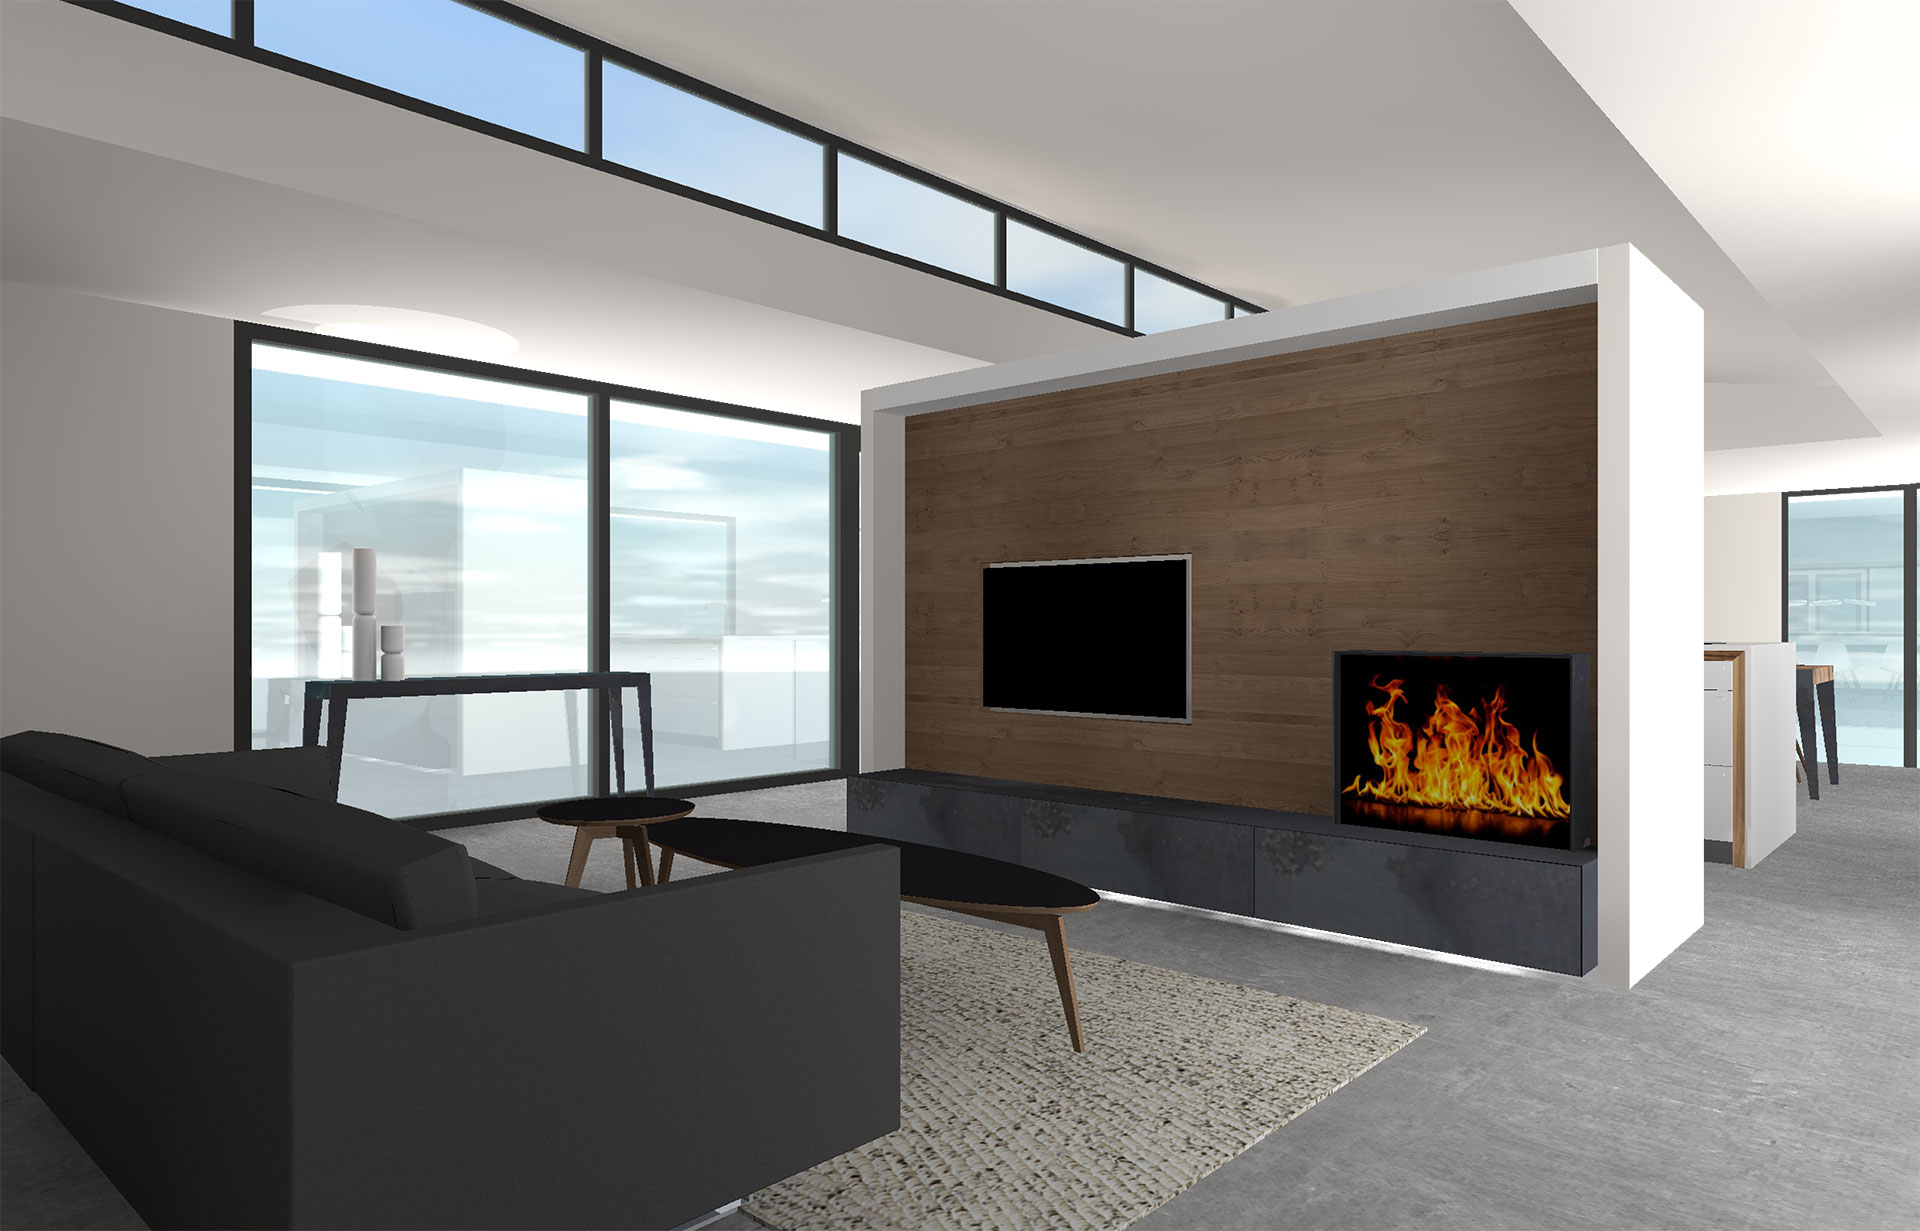 Woonark designhart designhart for Interieur 05 nl